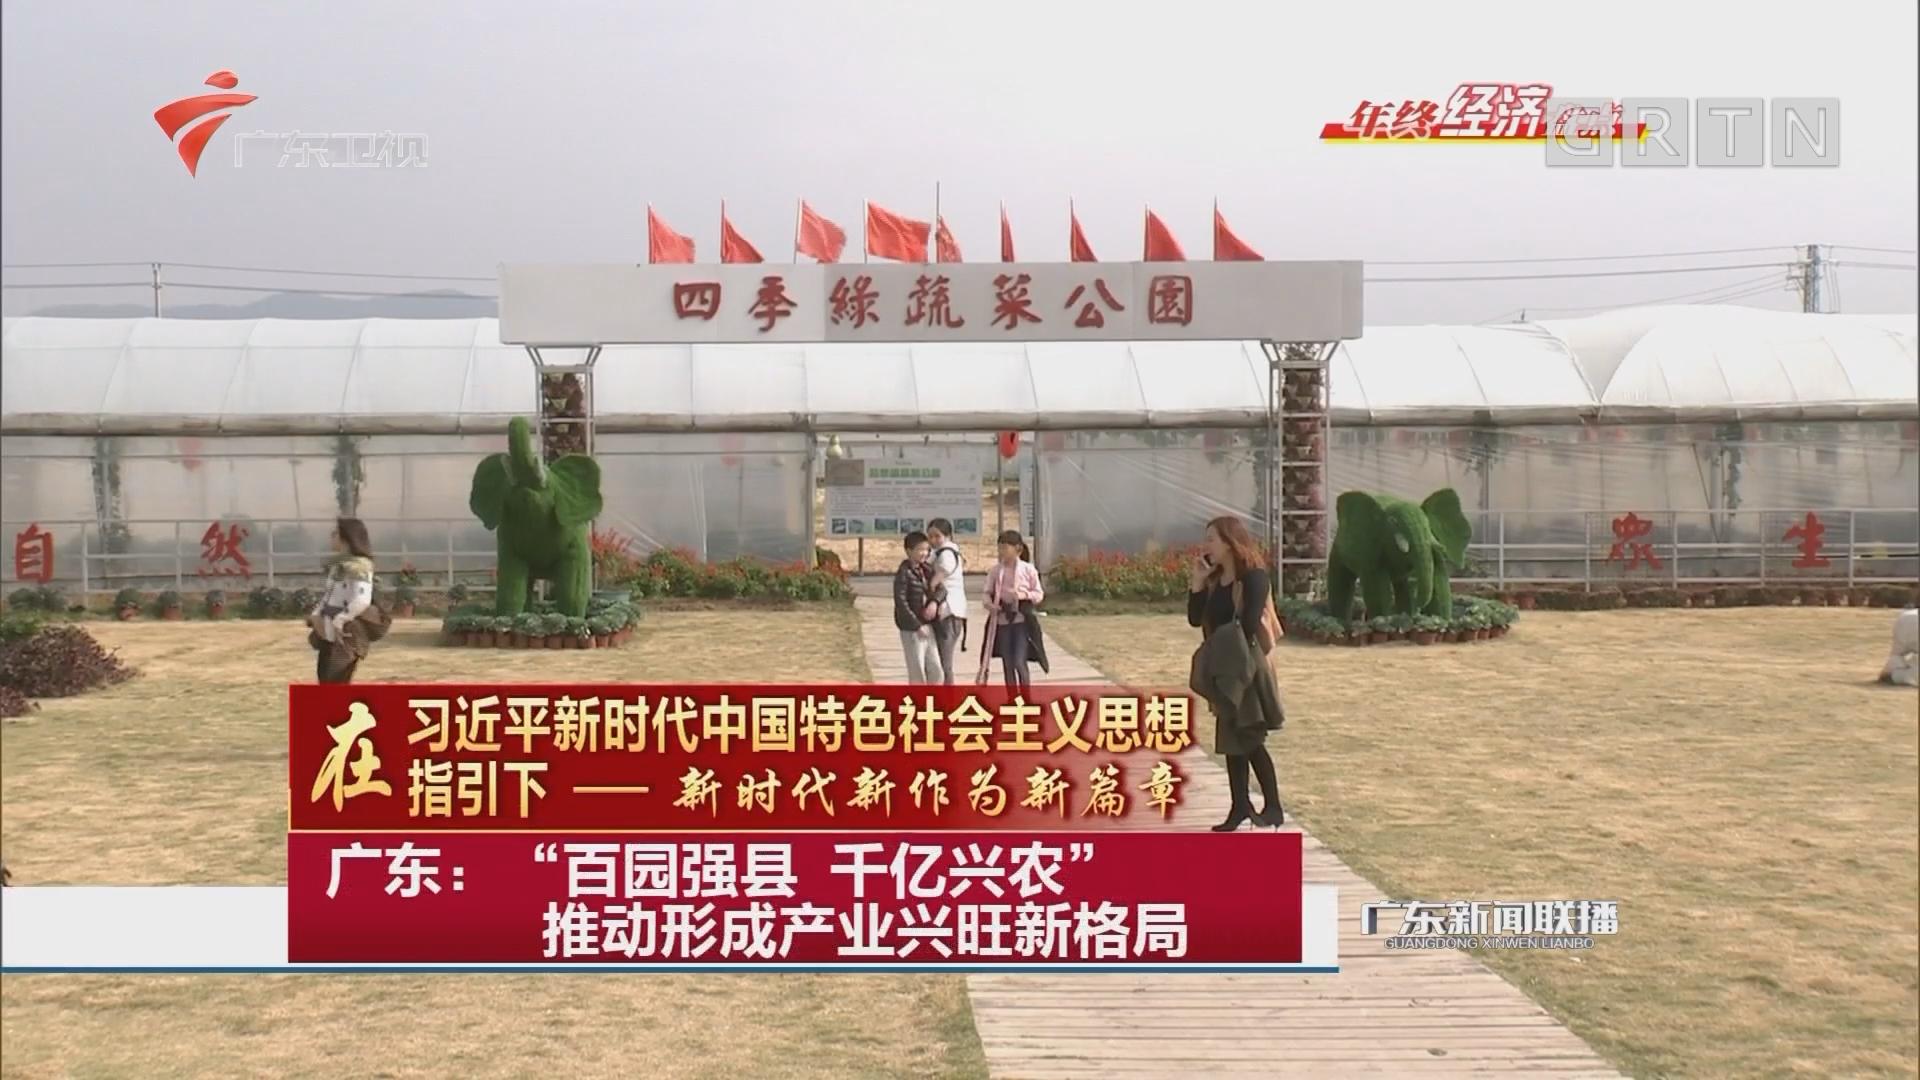 """广东:""""百园强县 千亿兴农"""" 推动形成产业兴旺新格局"""